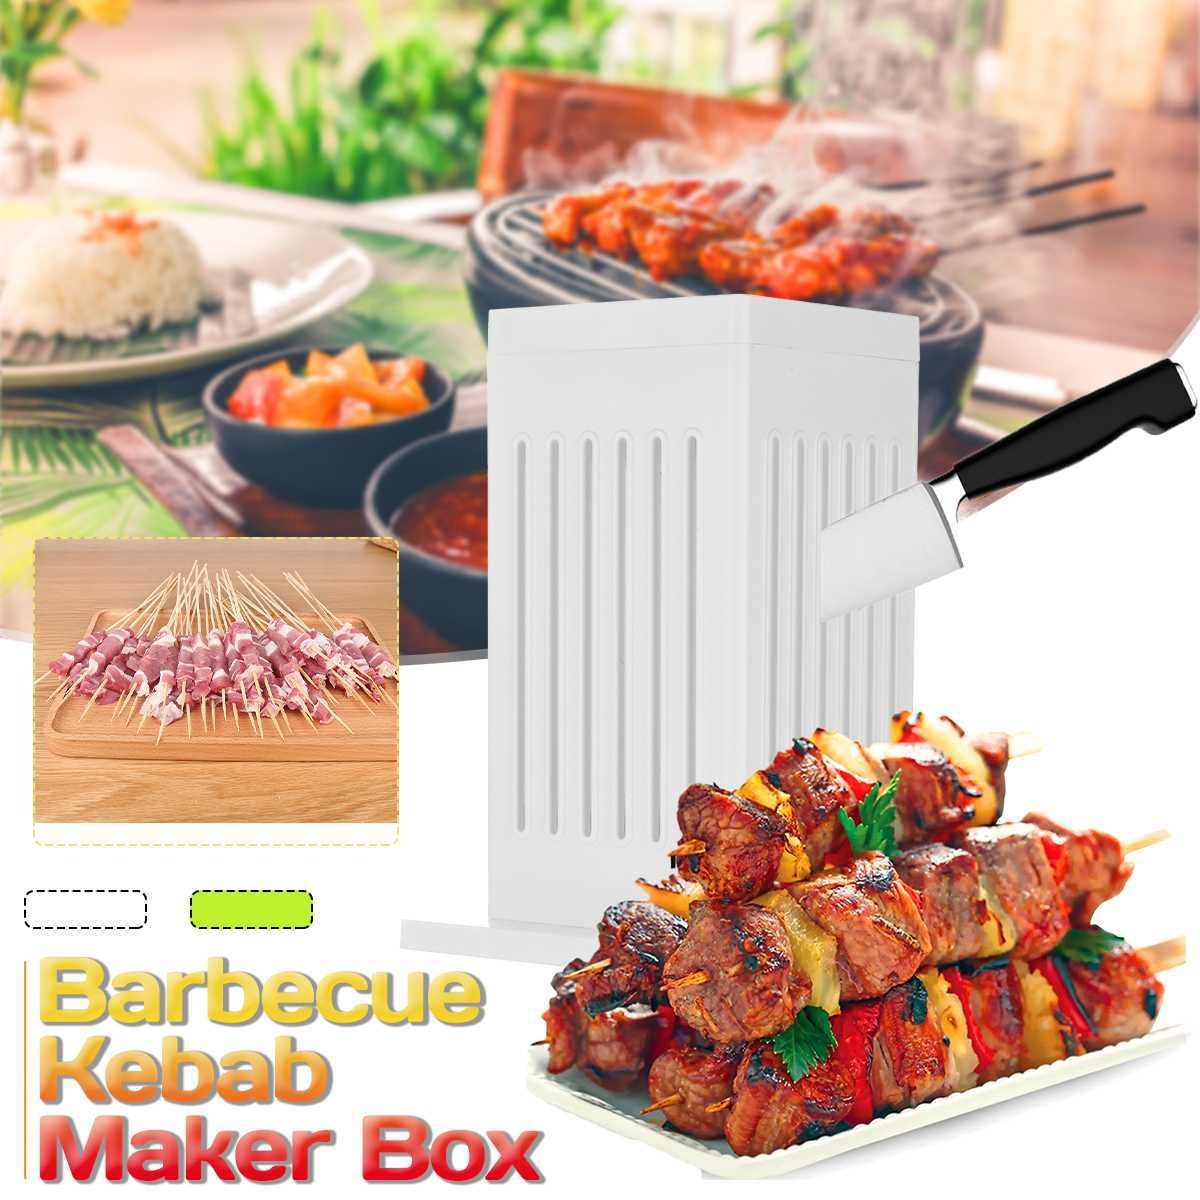 Carne brochettes espeto máquina de churrasco grill 49 buracos churrasco kebab fabricante de carne caixa carne grill brochettes espeto máquina ferramenta fabricante